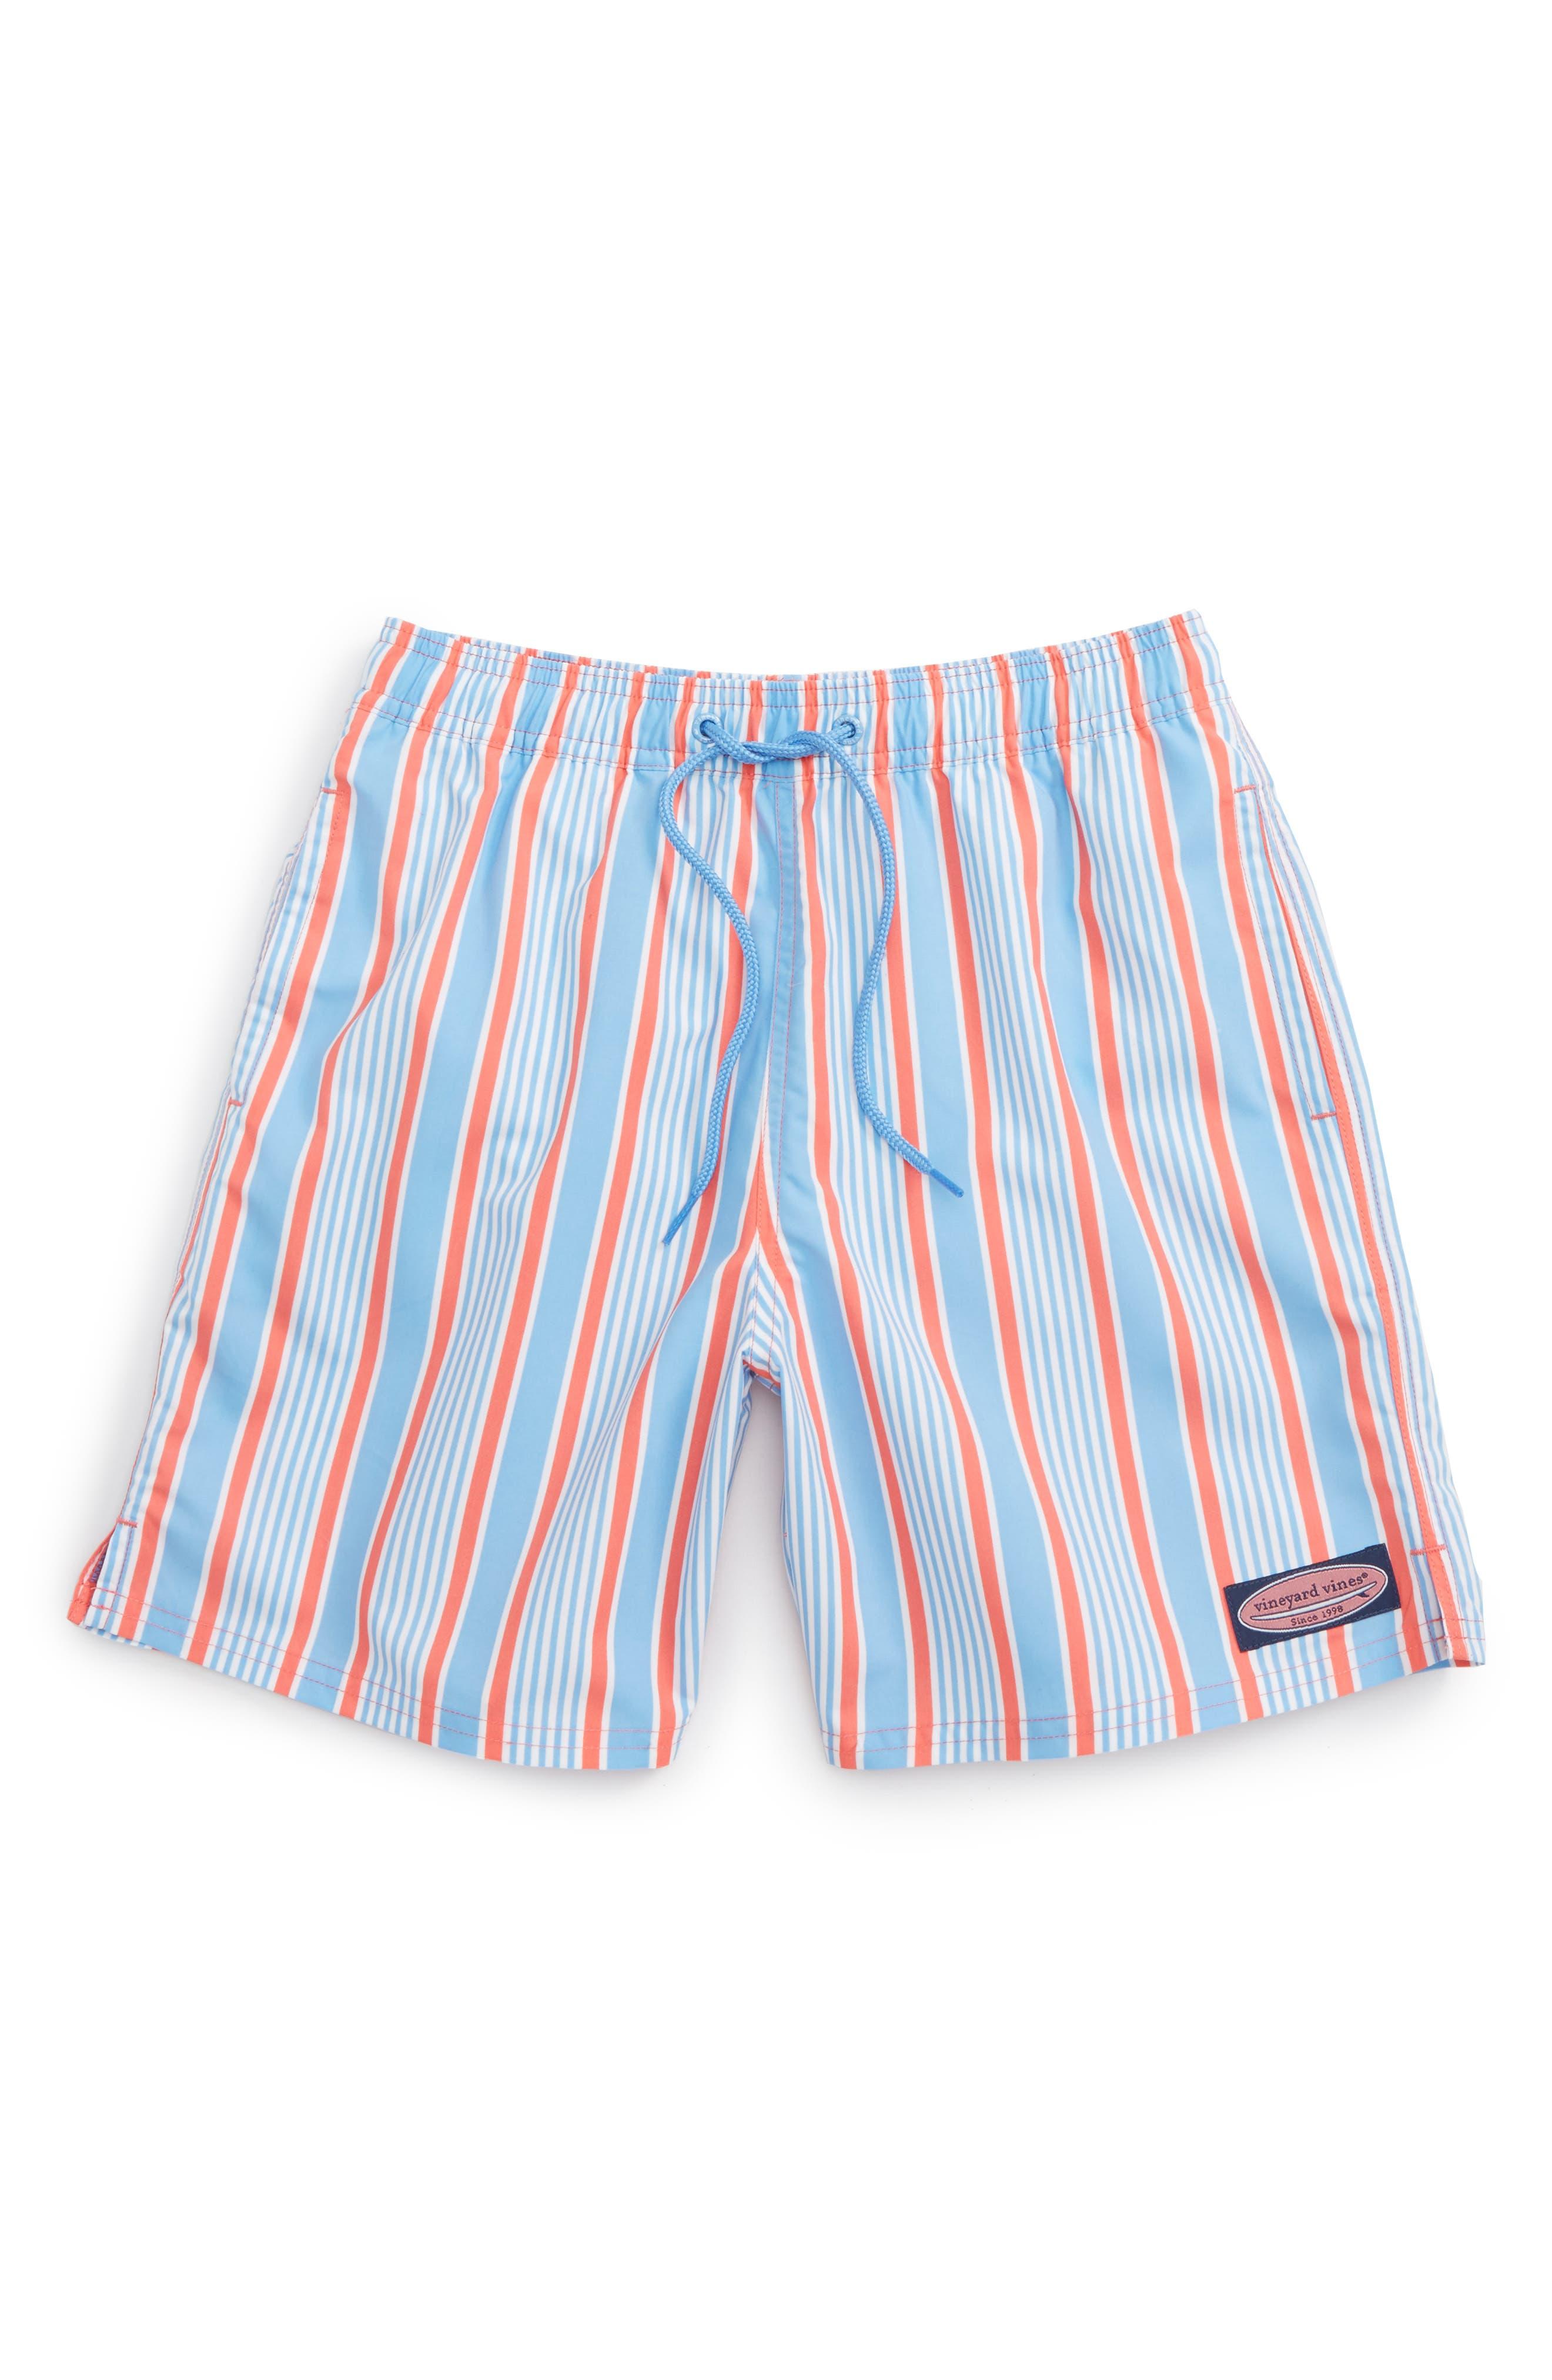 Stripe Bungalow Swim Trunks,                             Main thumbnail 1, color,                             Mai Tai